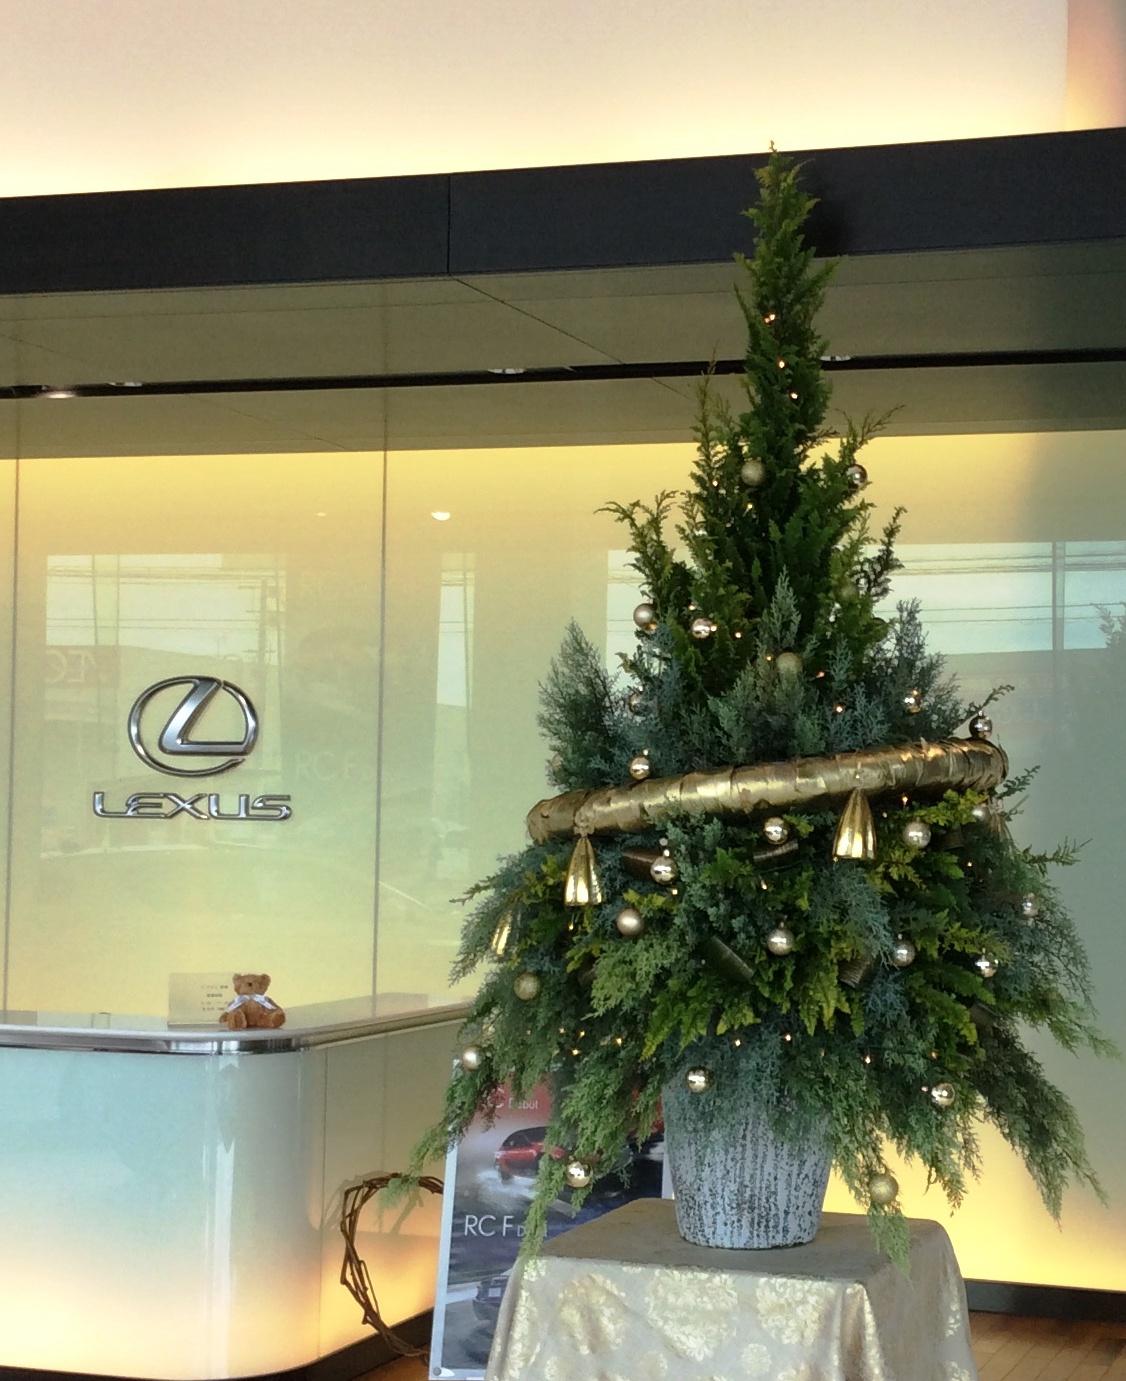 レクサス宮崎・・・今年のクリスマスツリー・・・_b0137969_17531041.jpg